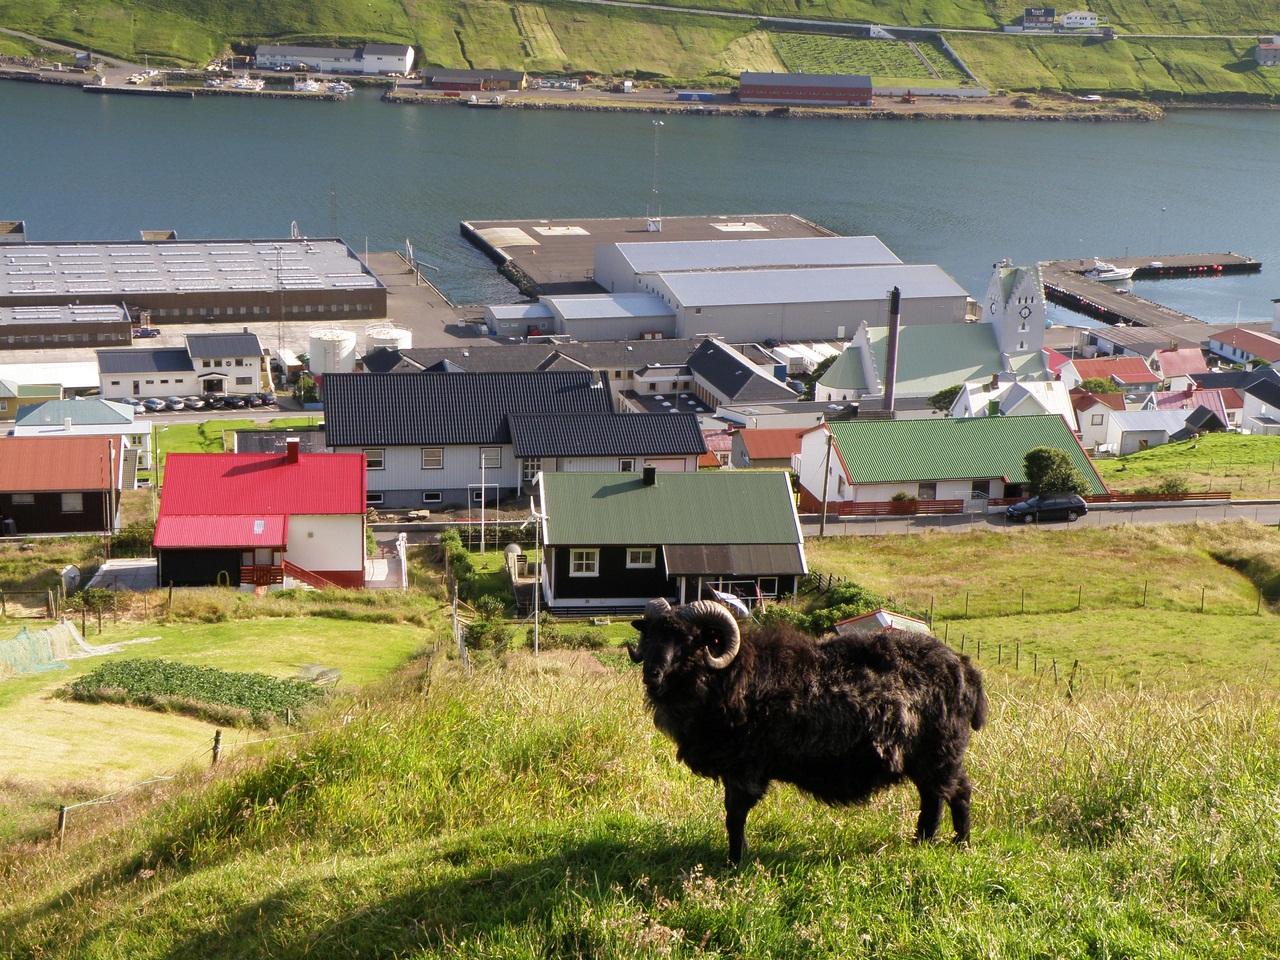 Фото достопримечательностей Стран Скандинавии: Бараны и овцы на Ферерах встречаются в самых неожиданных местах